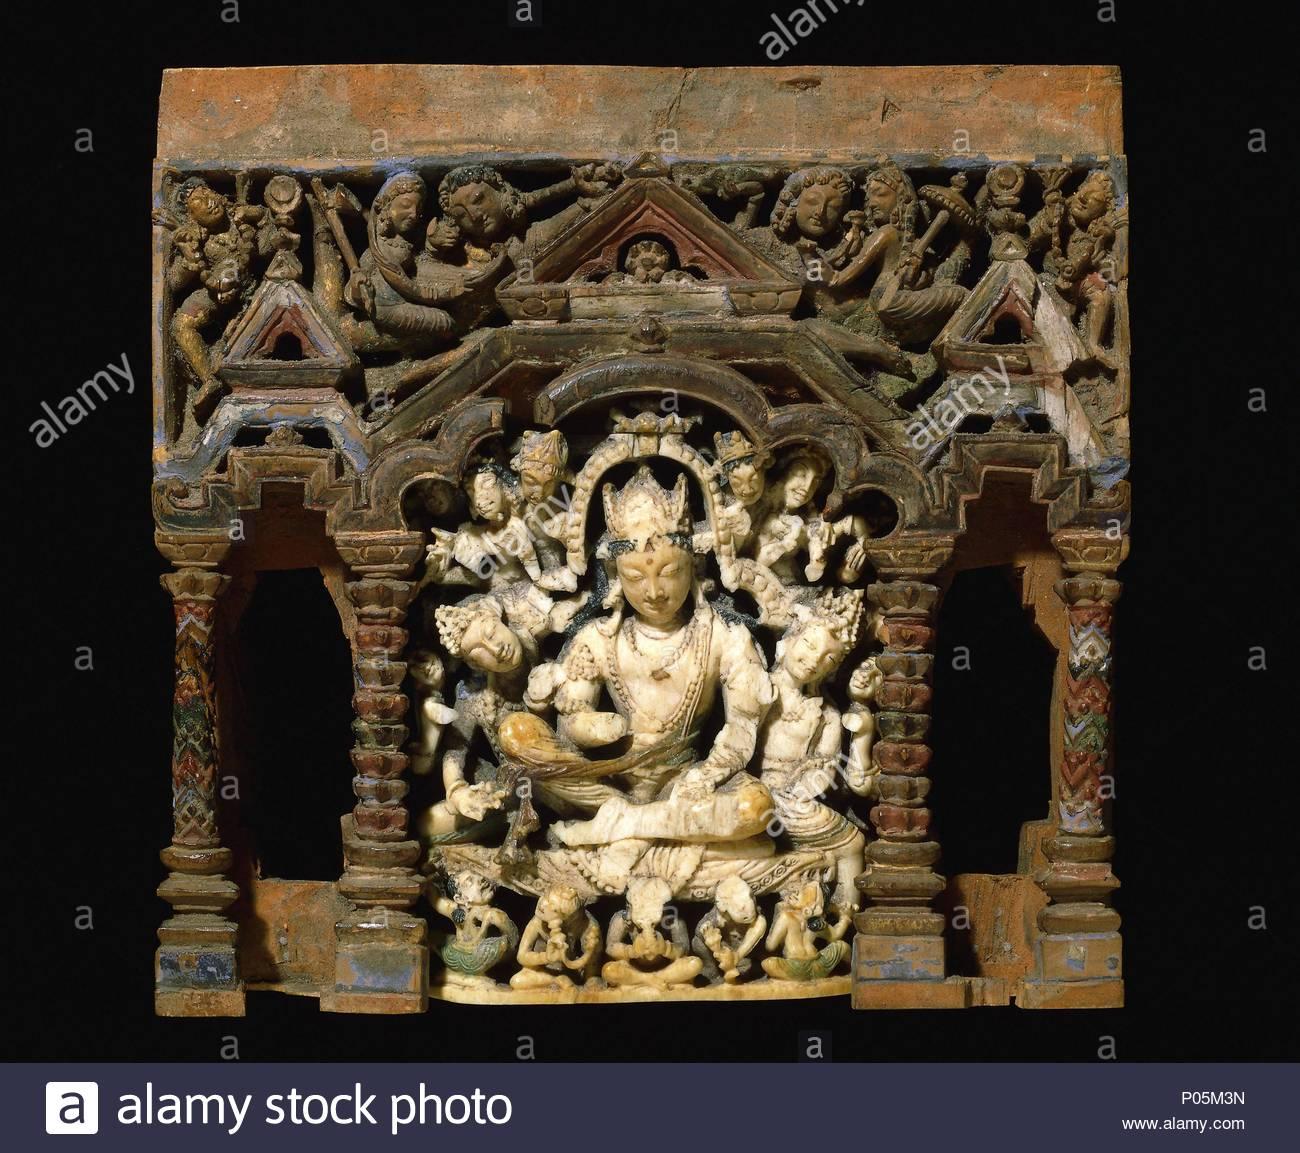 fe5f8804abb Bodhisattva budista de marfil (santo) en un santuario de madera ...